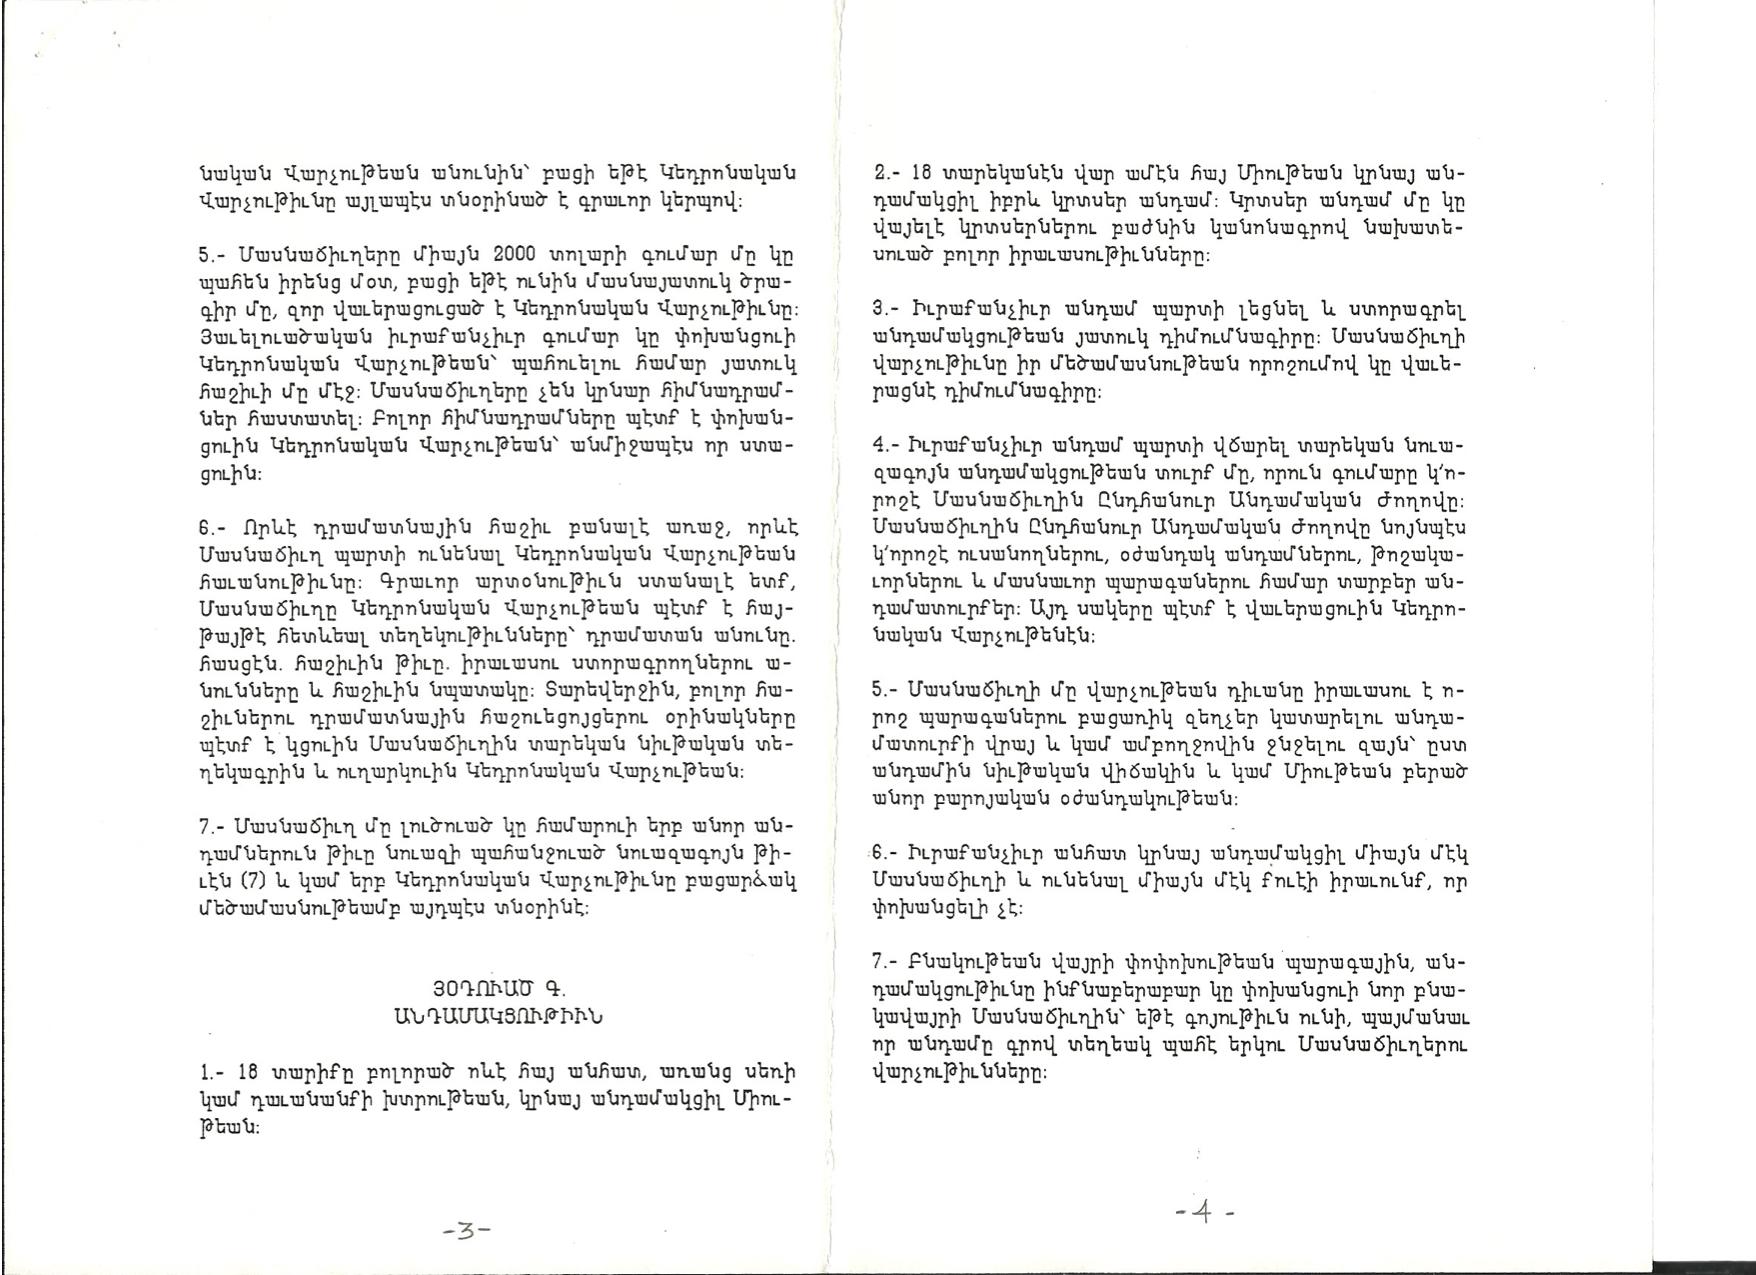 Կանոնագիր Թէքէեան Մշակ. Միութեան3.jpg